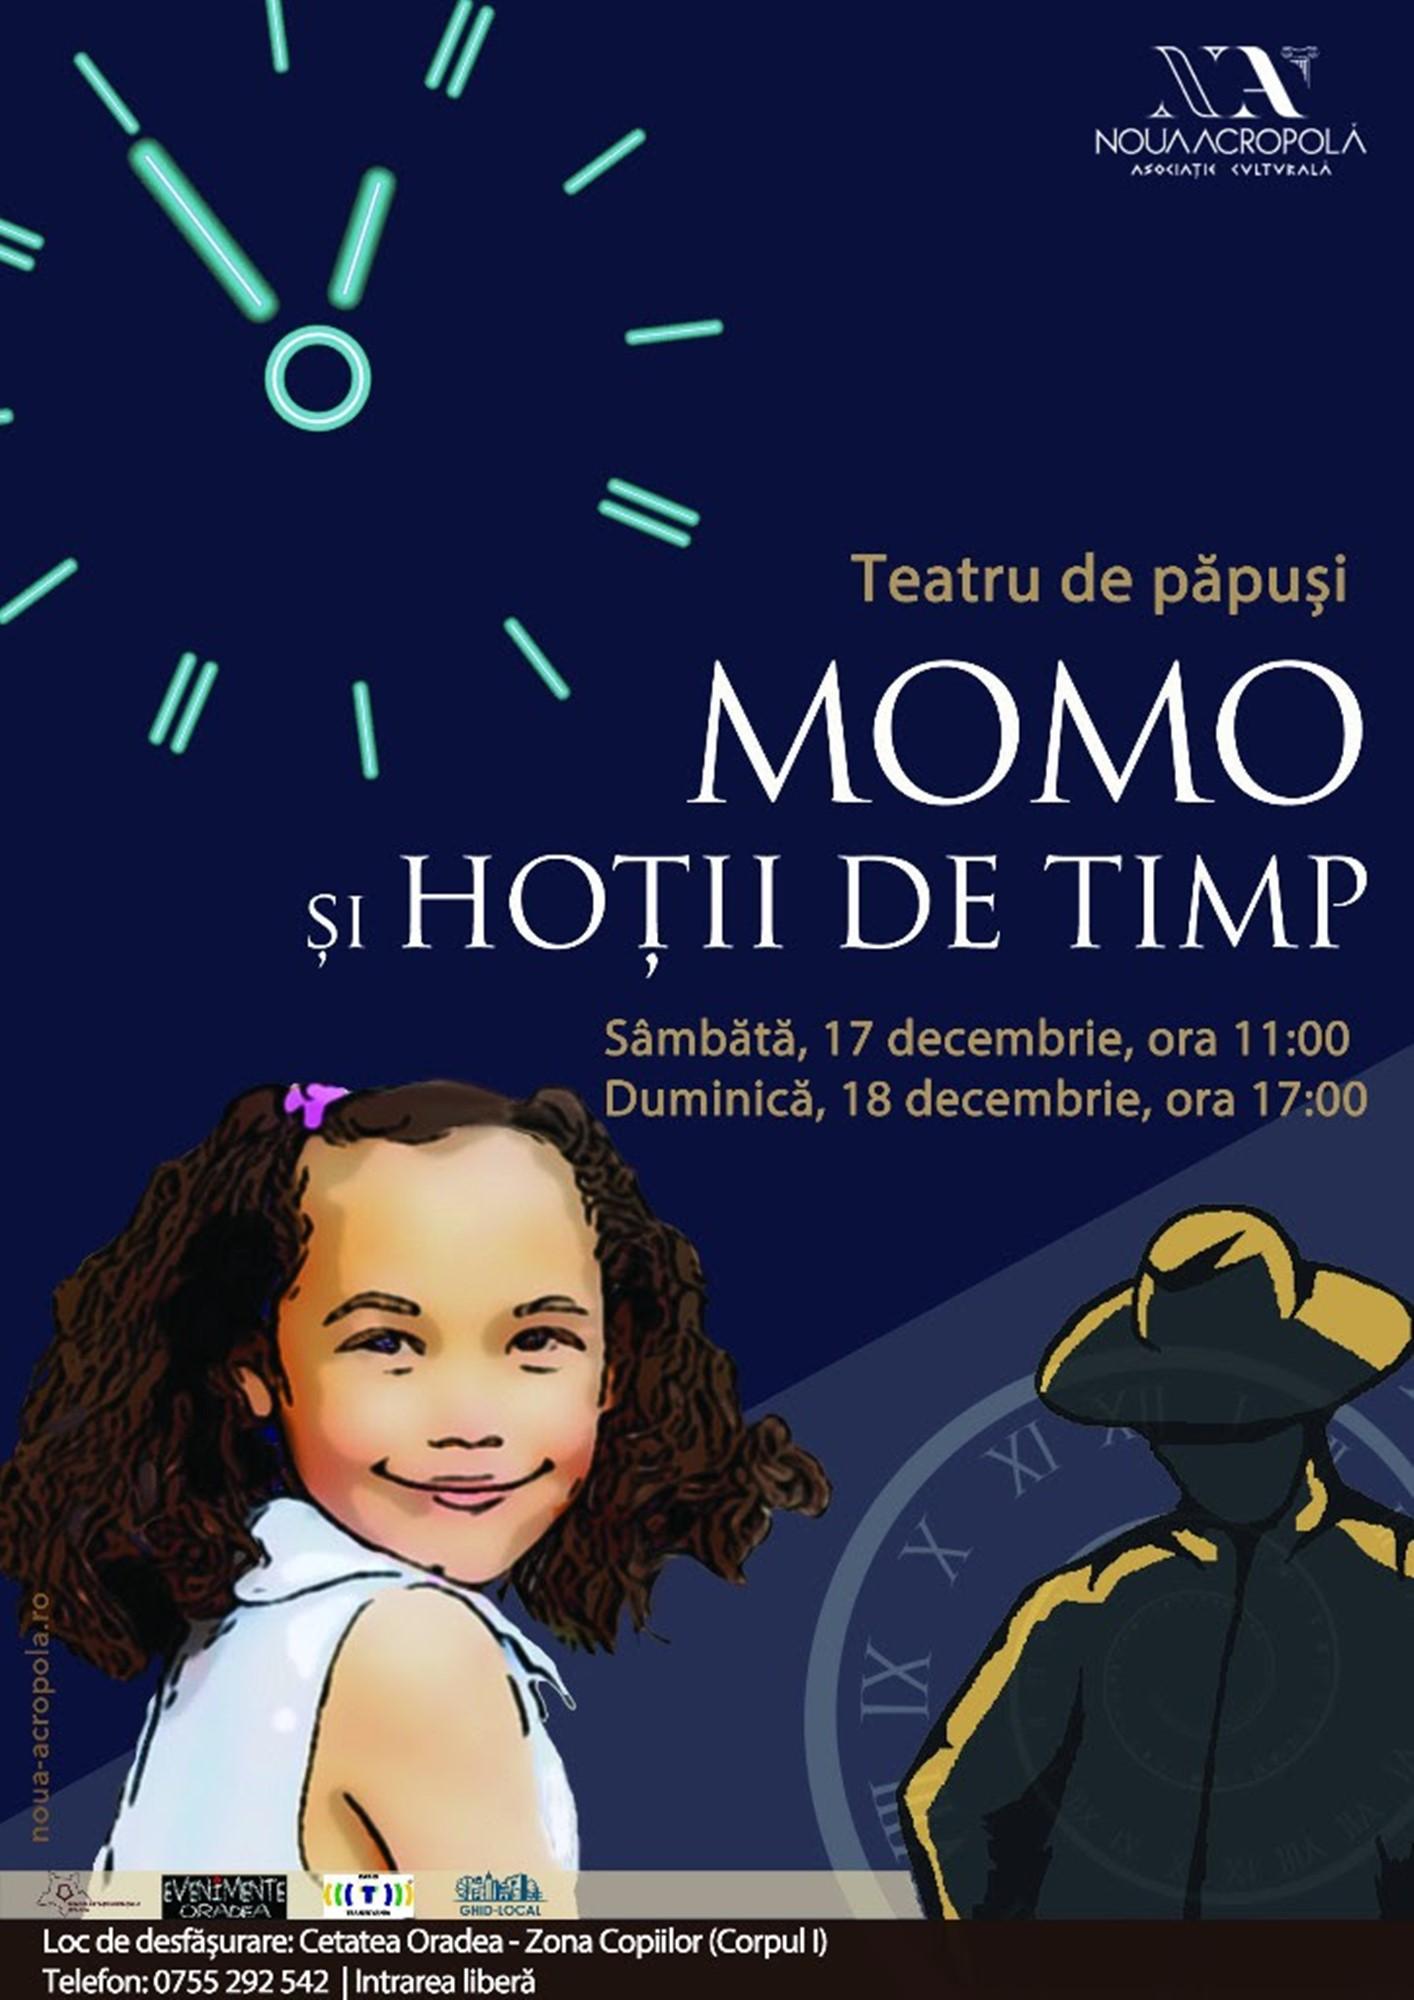 Teatru de păpuși: Momo și hoții de timp